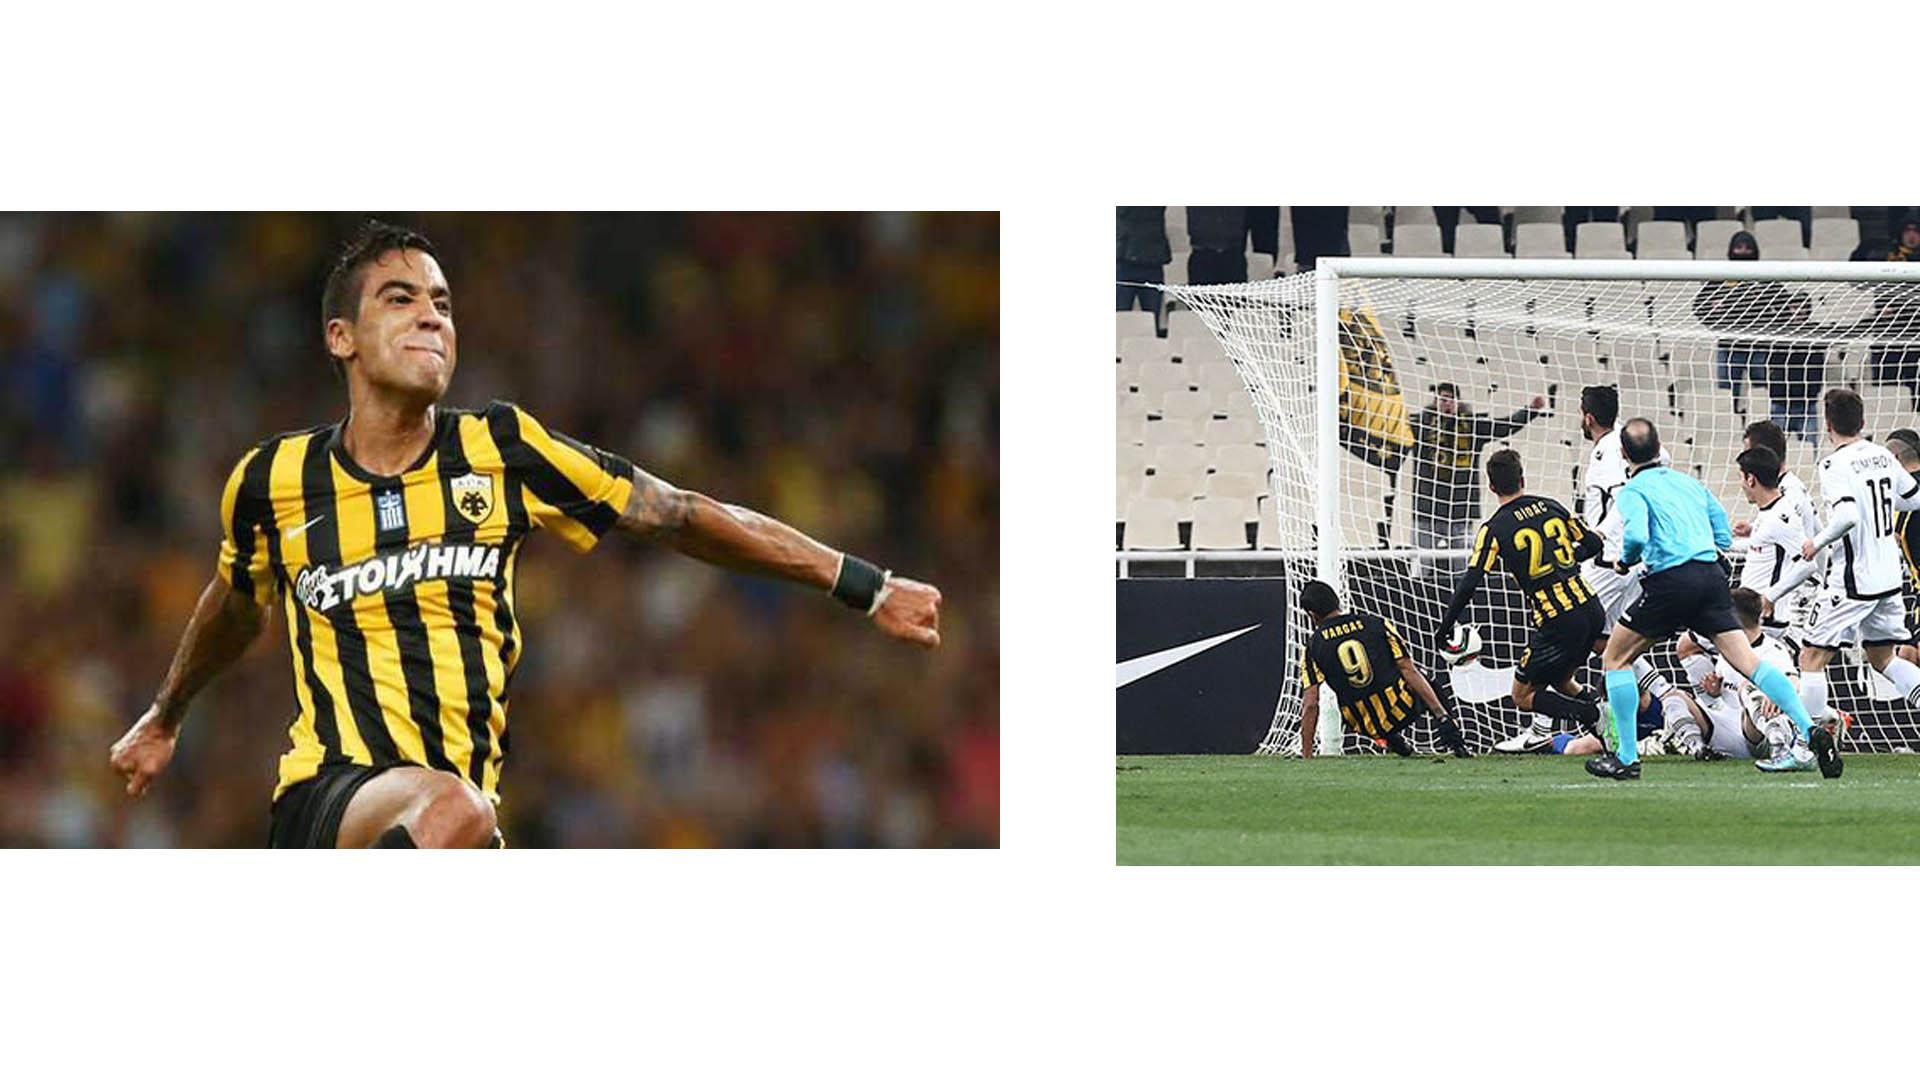 El venezolano marcó el gol de la victoria 1-0 del AEK de Atenas contra el PAOK Thessaloniki